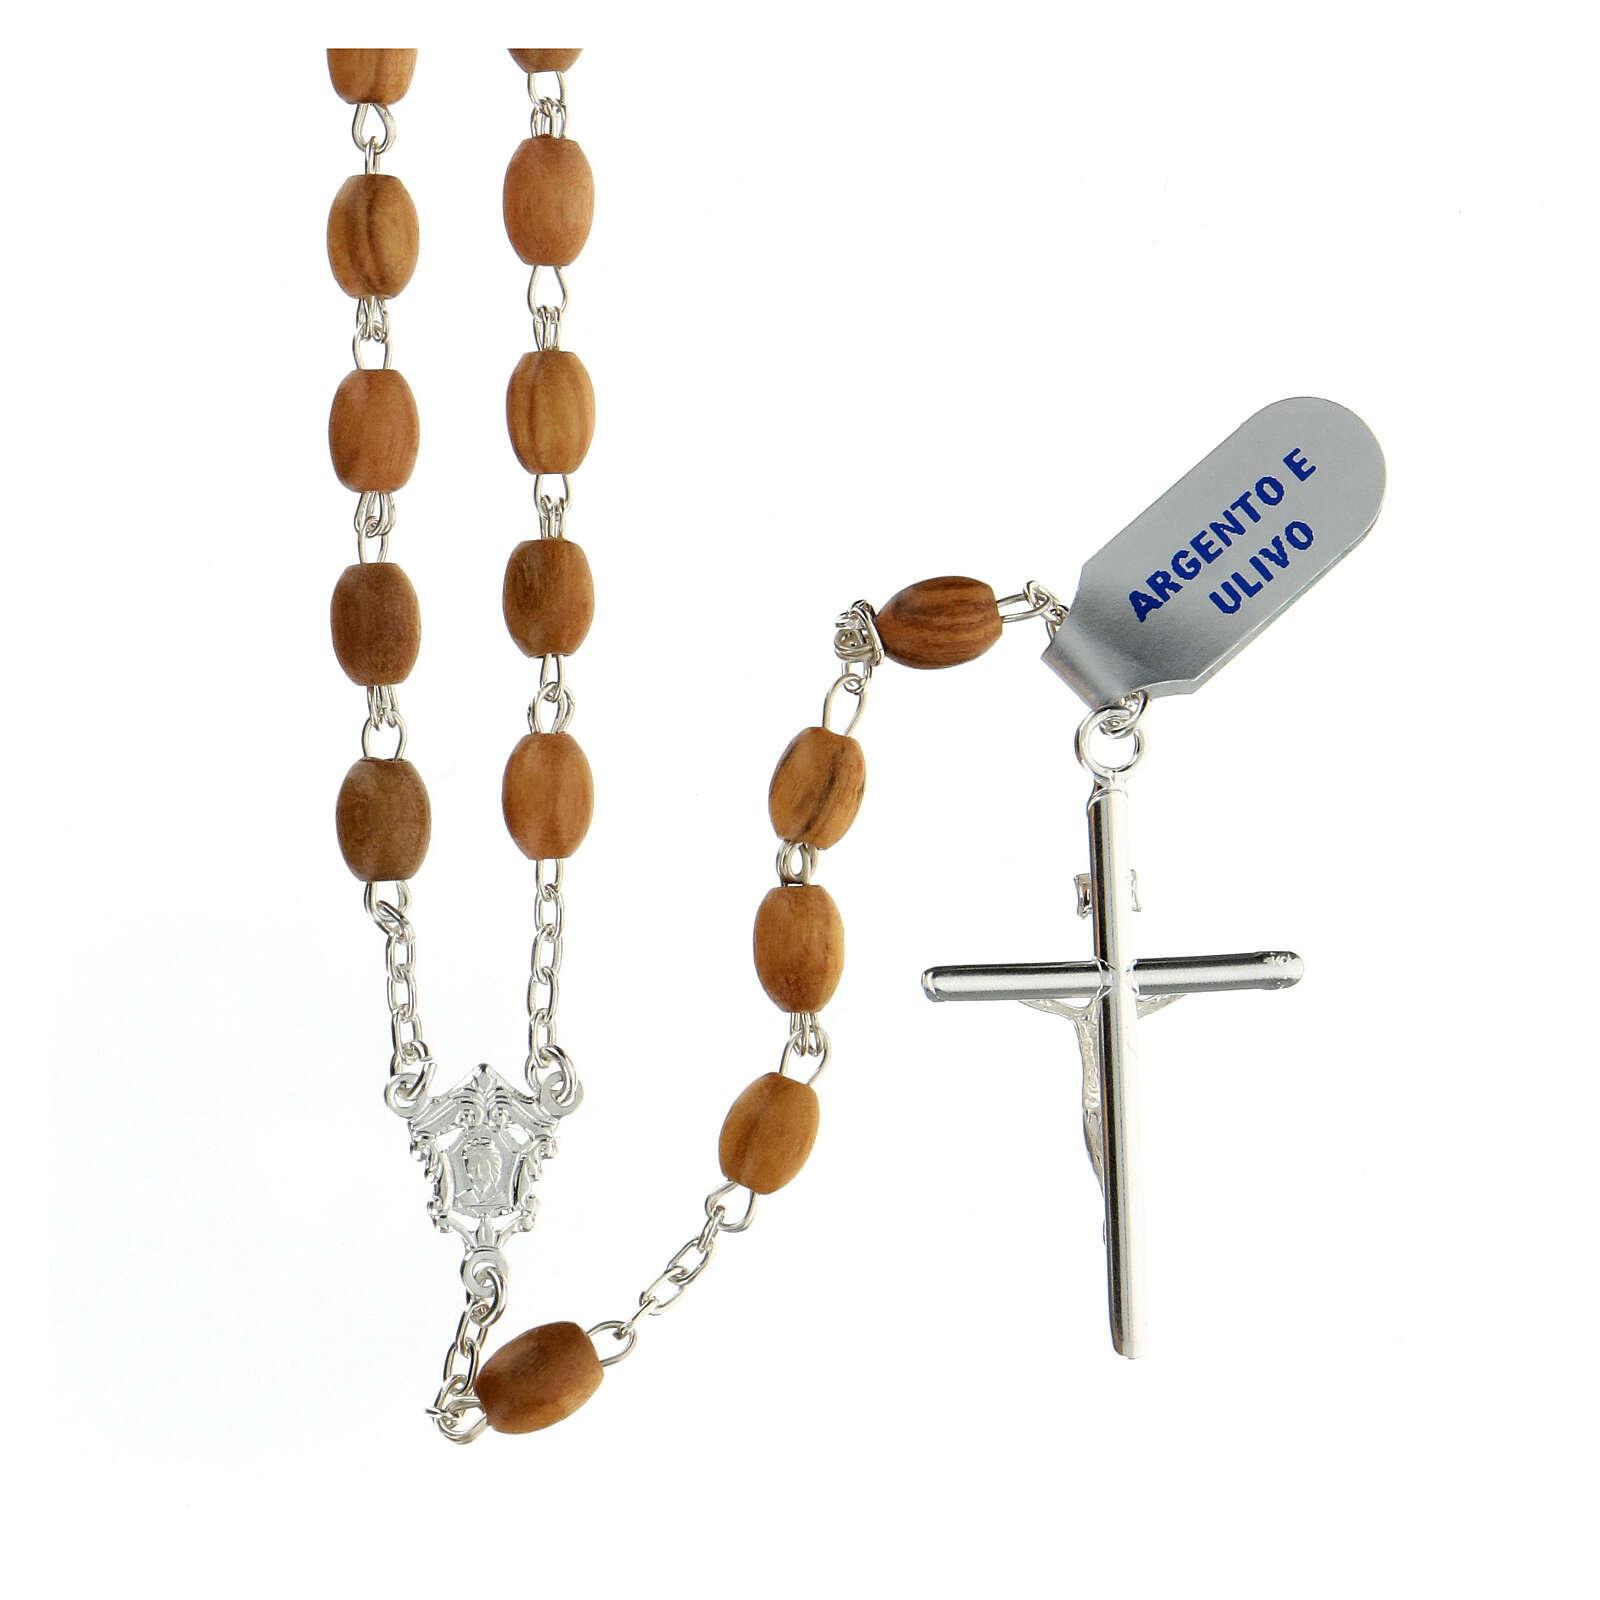 Terço prata 925 contas ovais madeira de oliveira 7x5 mm cruz Corpo de Jesus 4